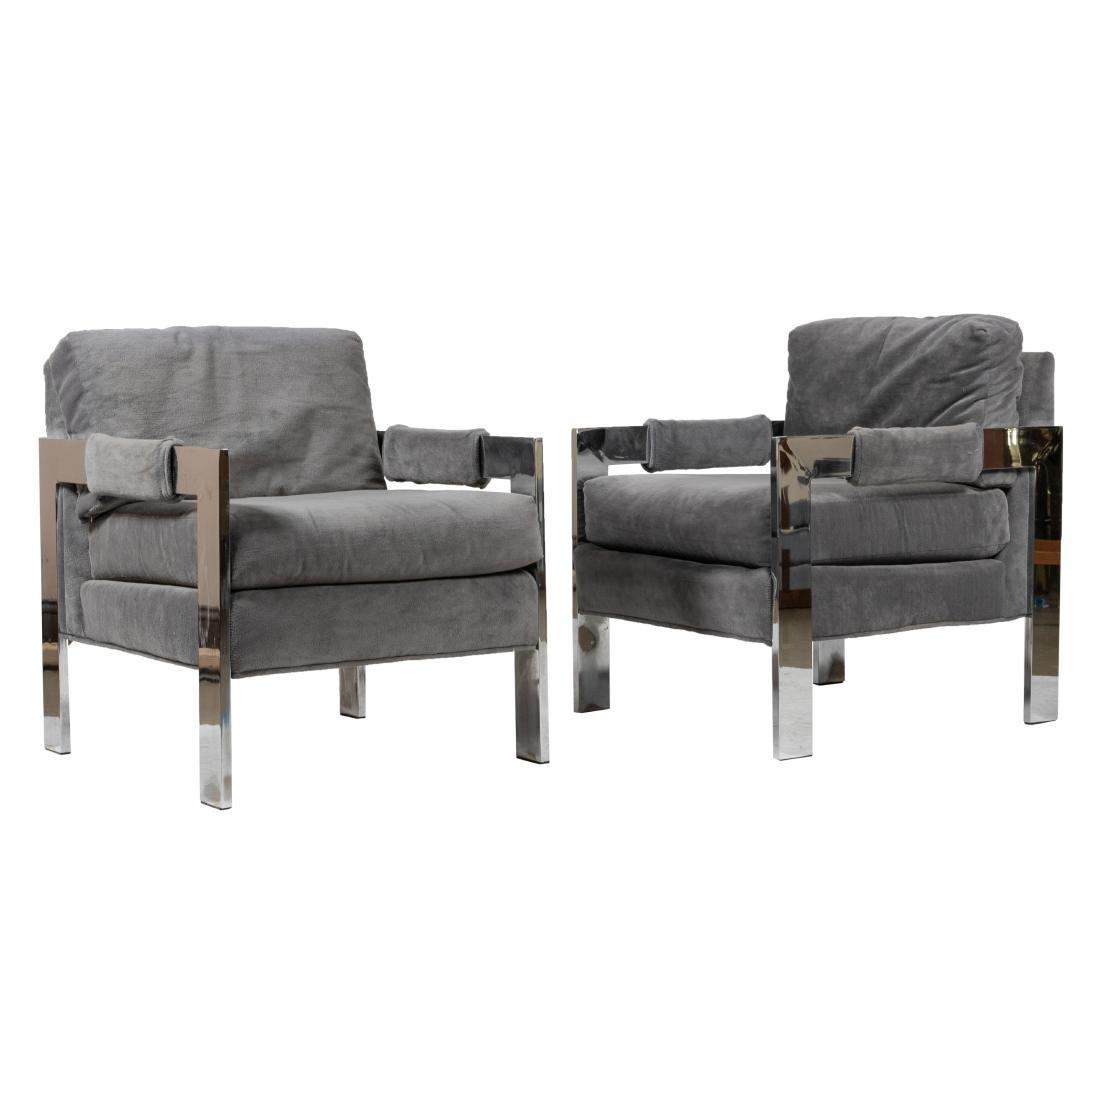 Chrome Lounge Chairs